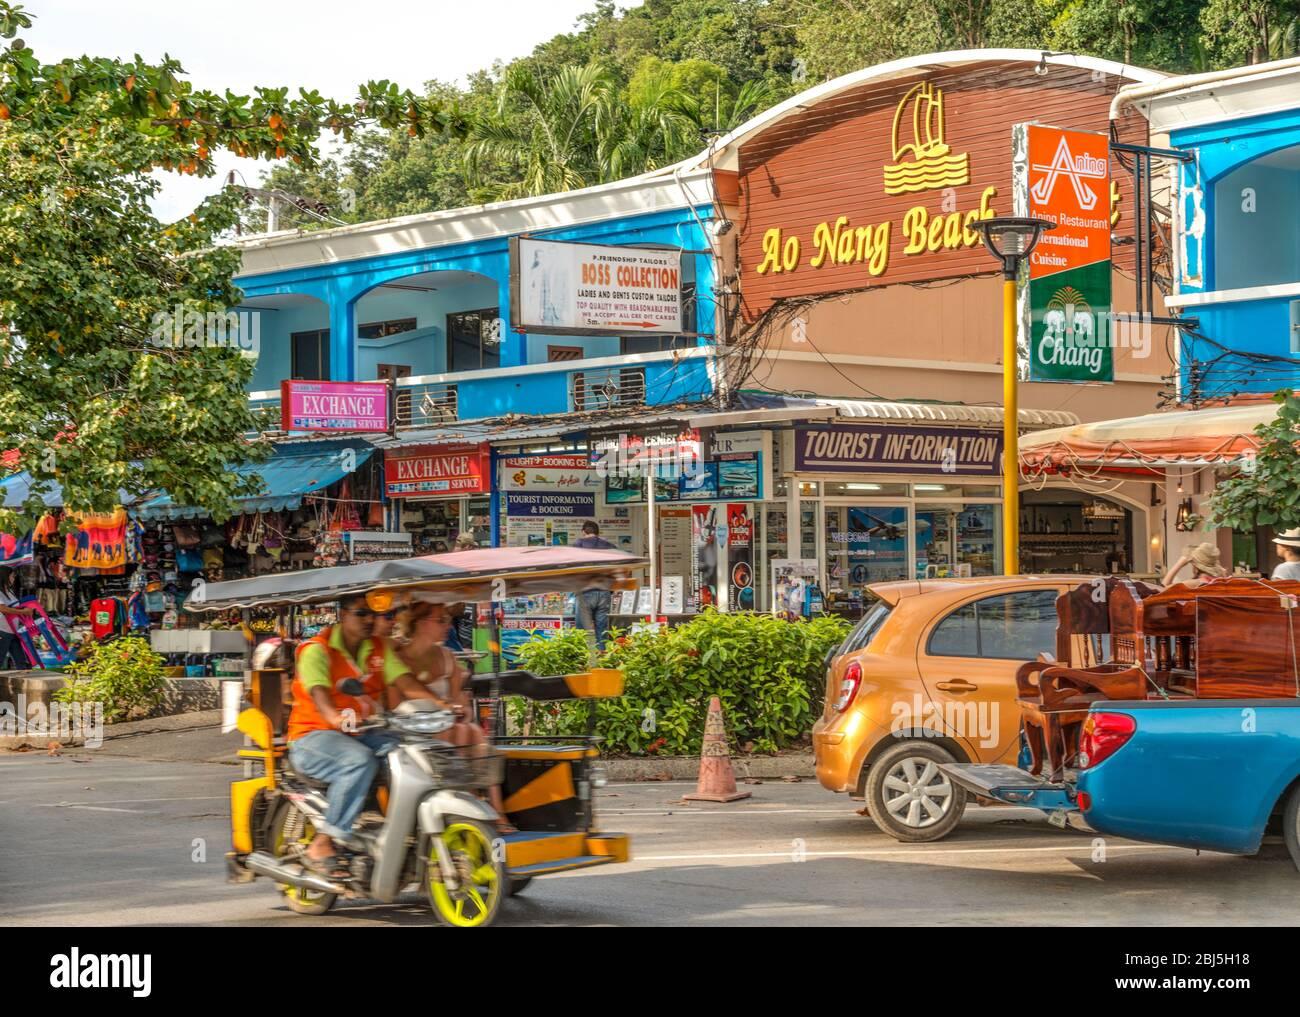 Rue commerçante animée à la parade de plage d'Ao Nang Beach, Krabi, Thaïlande Banque D'Images